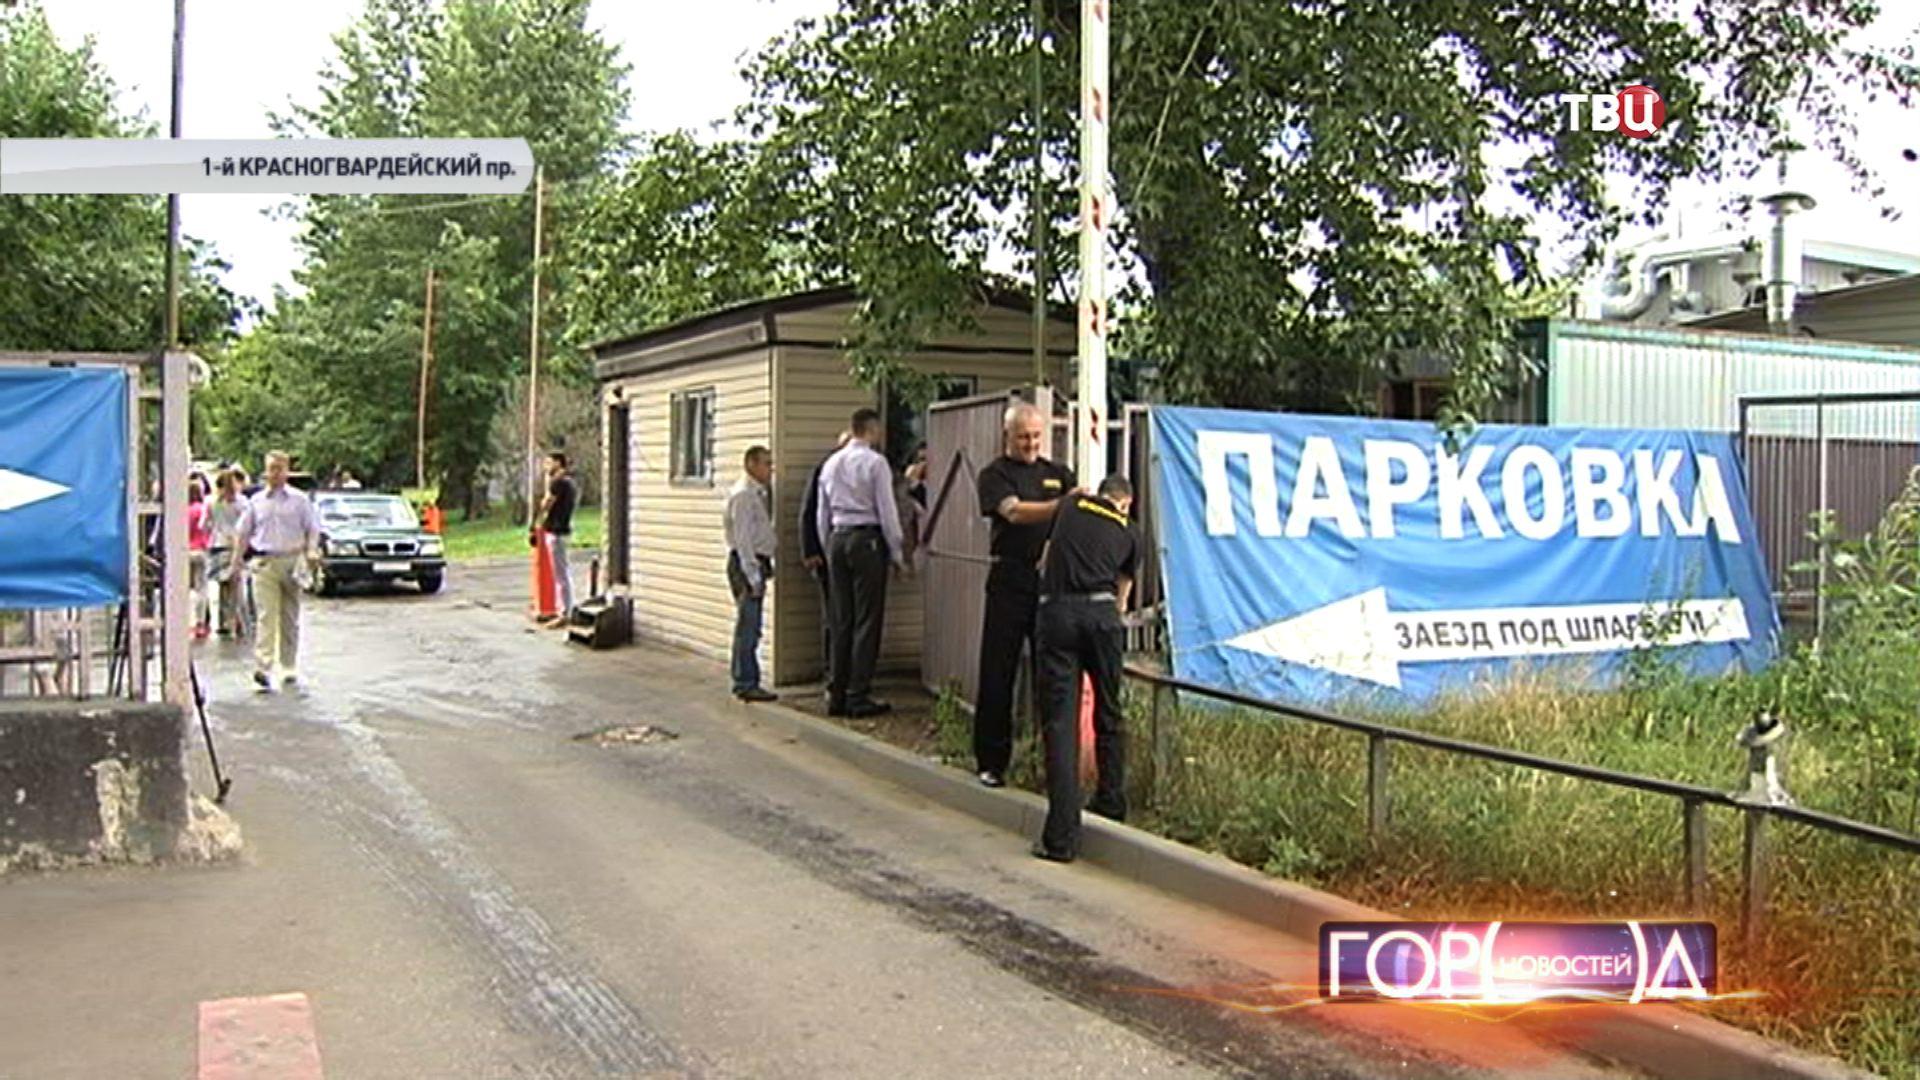 Открыто сквозное одностороннее движение в районе Москва - Сити